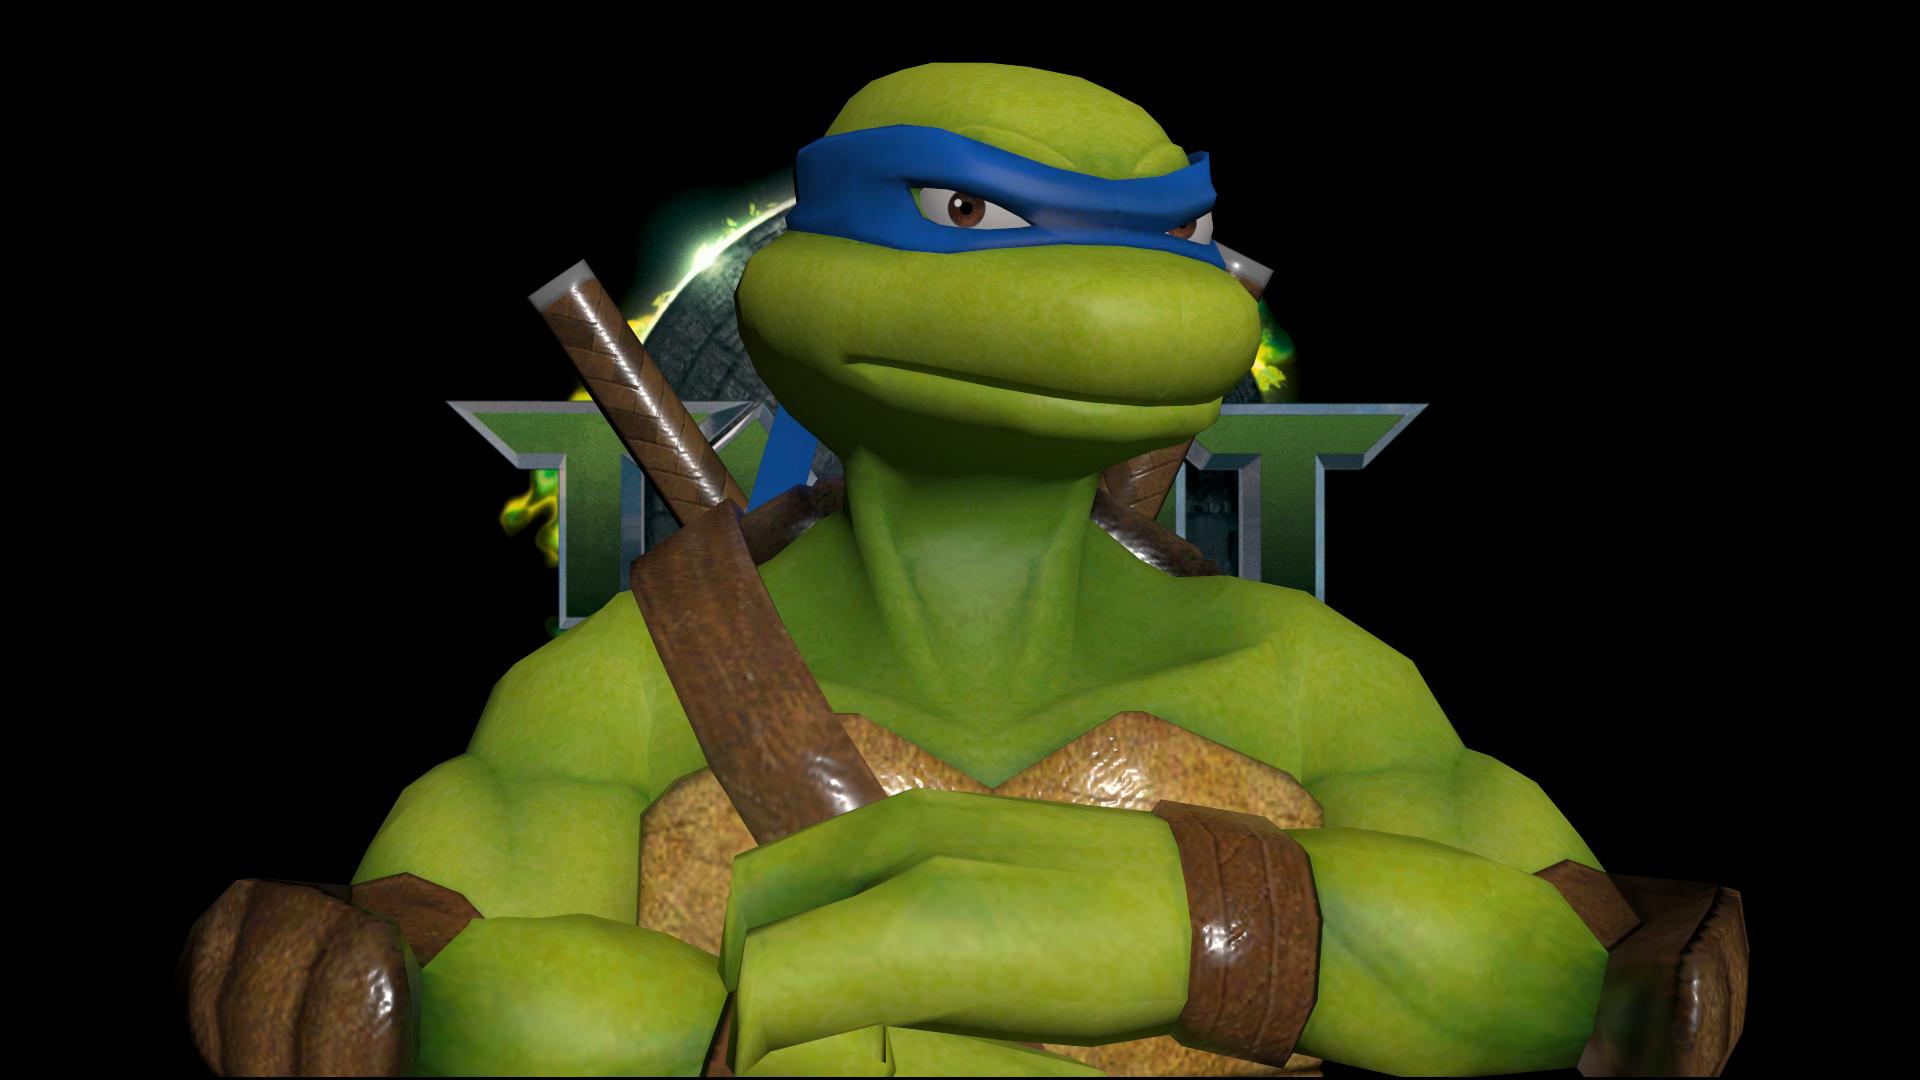 As Tartarugas Ninjas No Deviantart Gifs: Leonardo Wallpaper By SilverMoonCrystal On DeviantArt